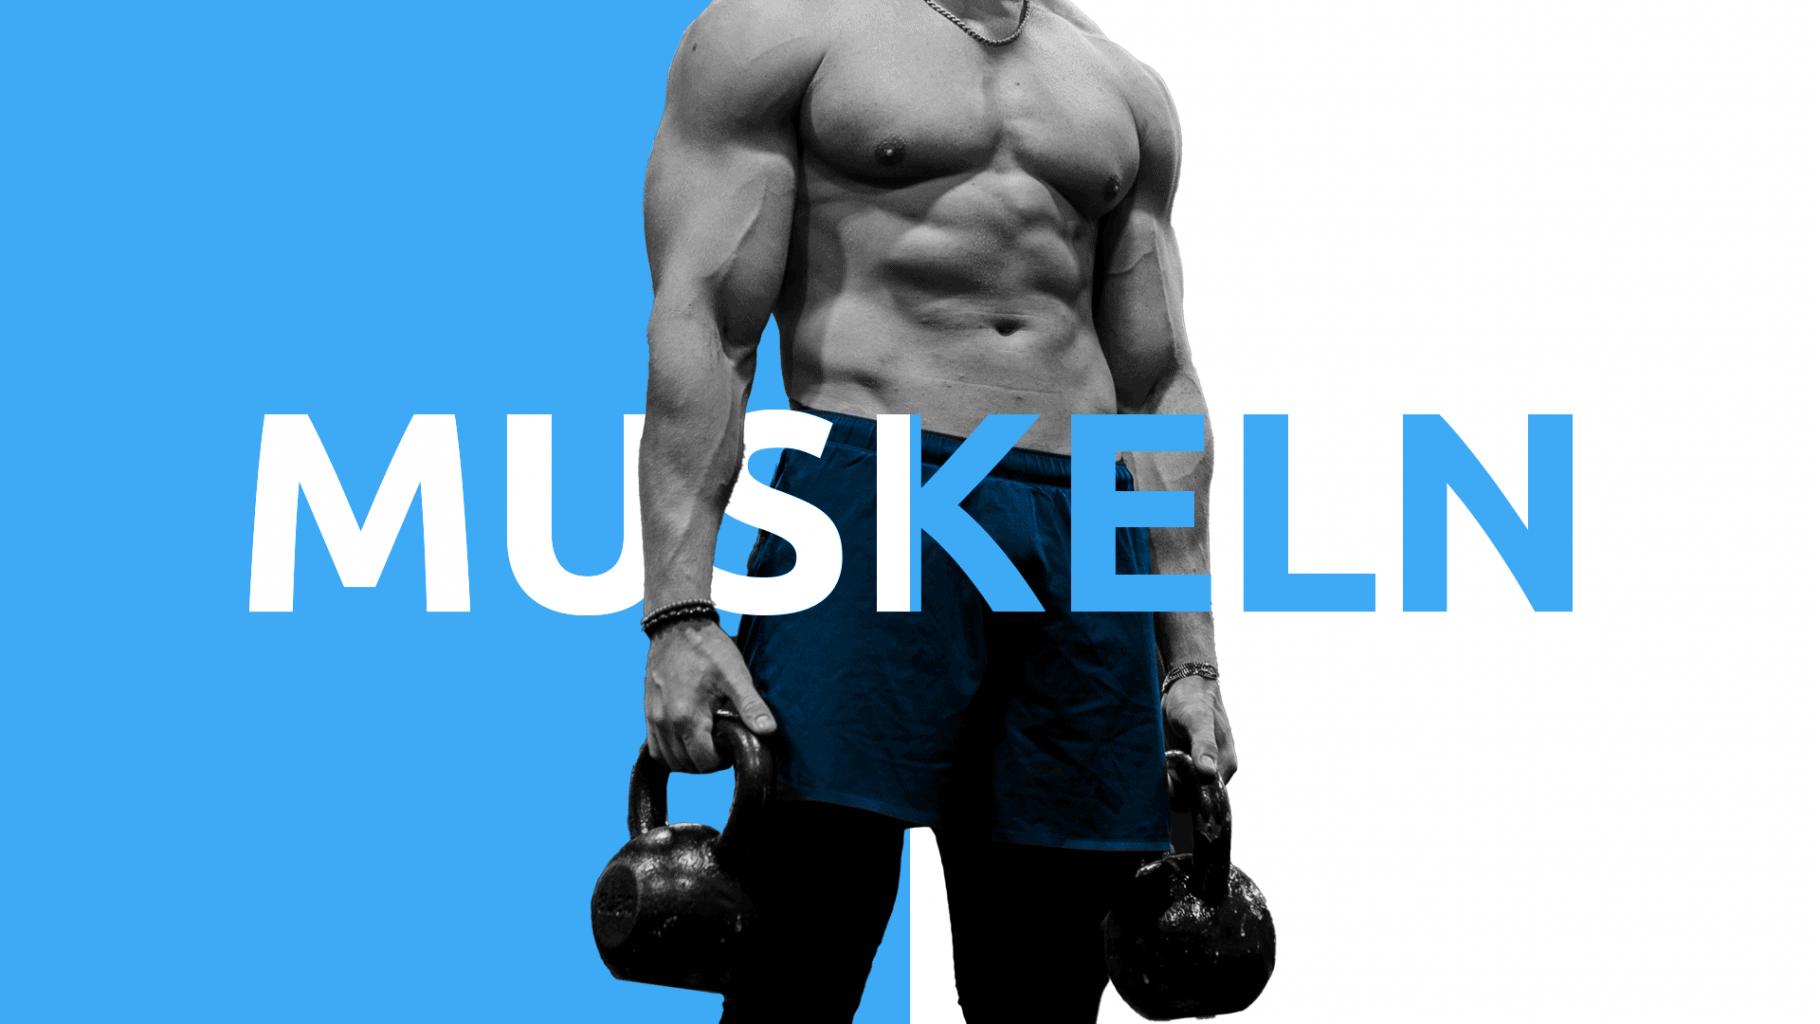 Muskelaufbau 13 Wochen Projekt